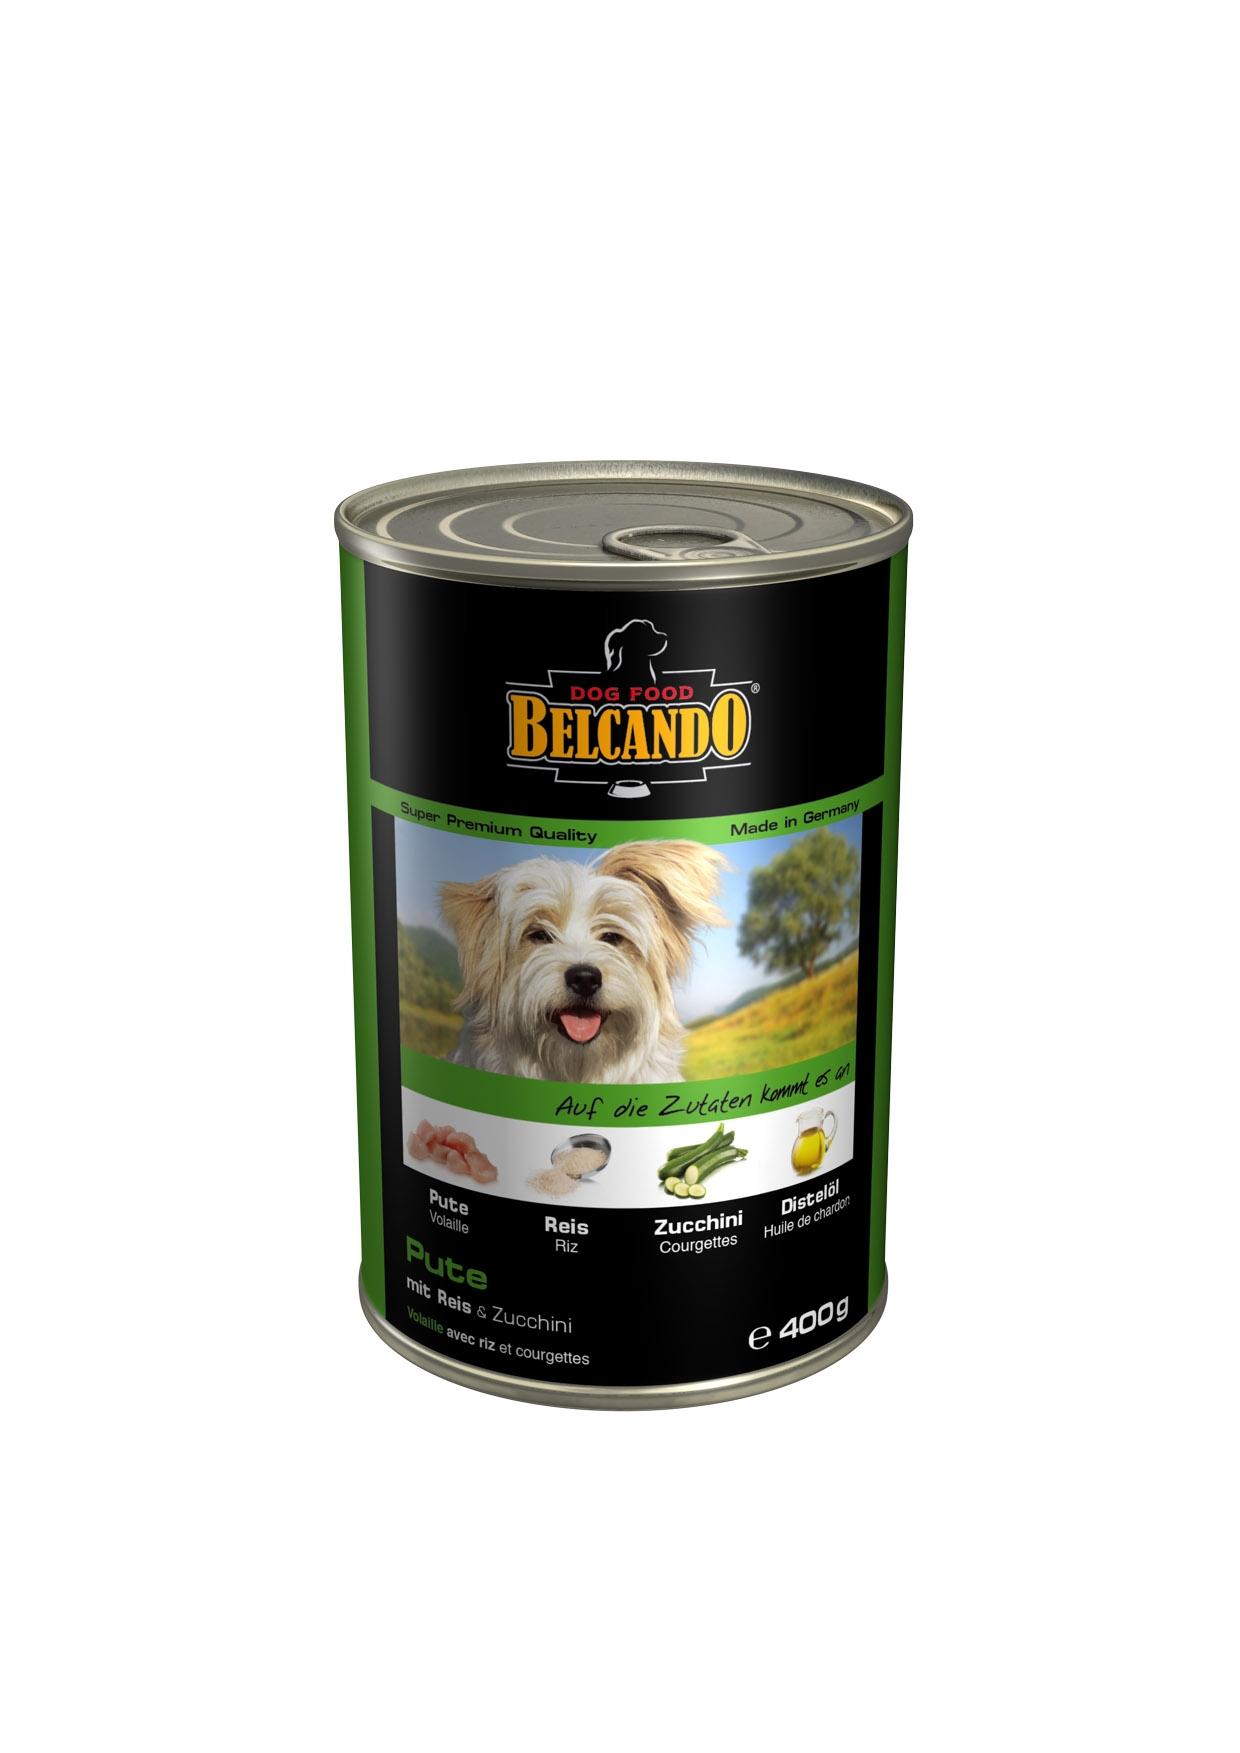 Консервы для собак Belcando, с мясом и овощами, 400 г0120710Консервы Belcando - это полнорационное влажное питание для собак. Подходят для собак всех возрастов. Комбинируется с любым типом корма, в том числе с натуральной пищей. Состав: мясо 93,8%, овощи 5%, витамины и минералы 1,2%. Анализ состава: протеин 14 %, жир 5 %, клетчатка 0,3 %, зола 2,5 %, влажность 79 %, витамин А 2,500 МЕ/кг, витамин Е 40 мг/кг, витамин D3 250 МЕ/кг, кальций 0,4 %, фосфор 0,16 %.Вес: 400 г.Товар сертифицирован.